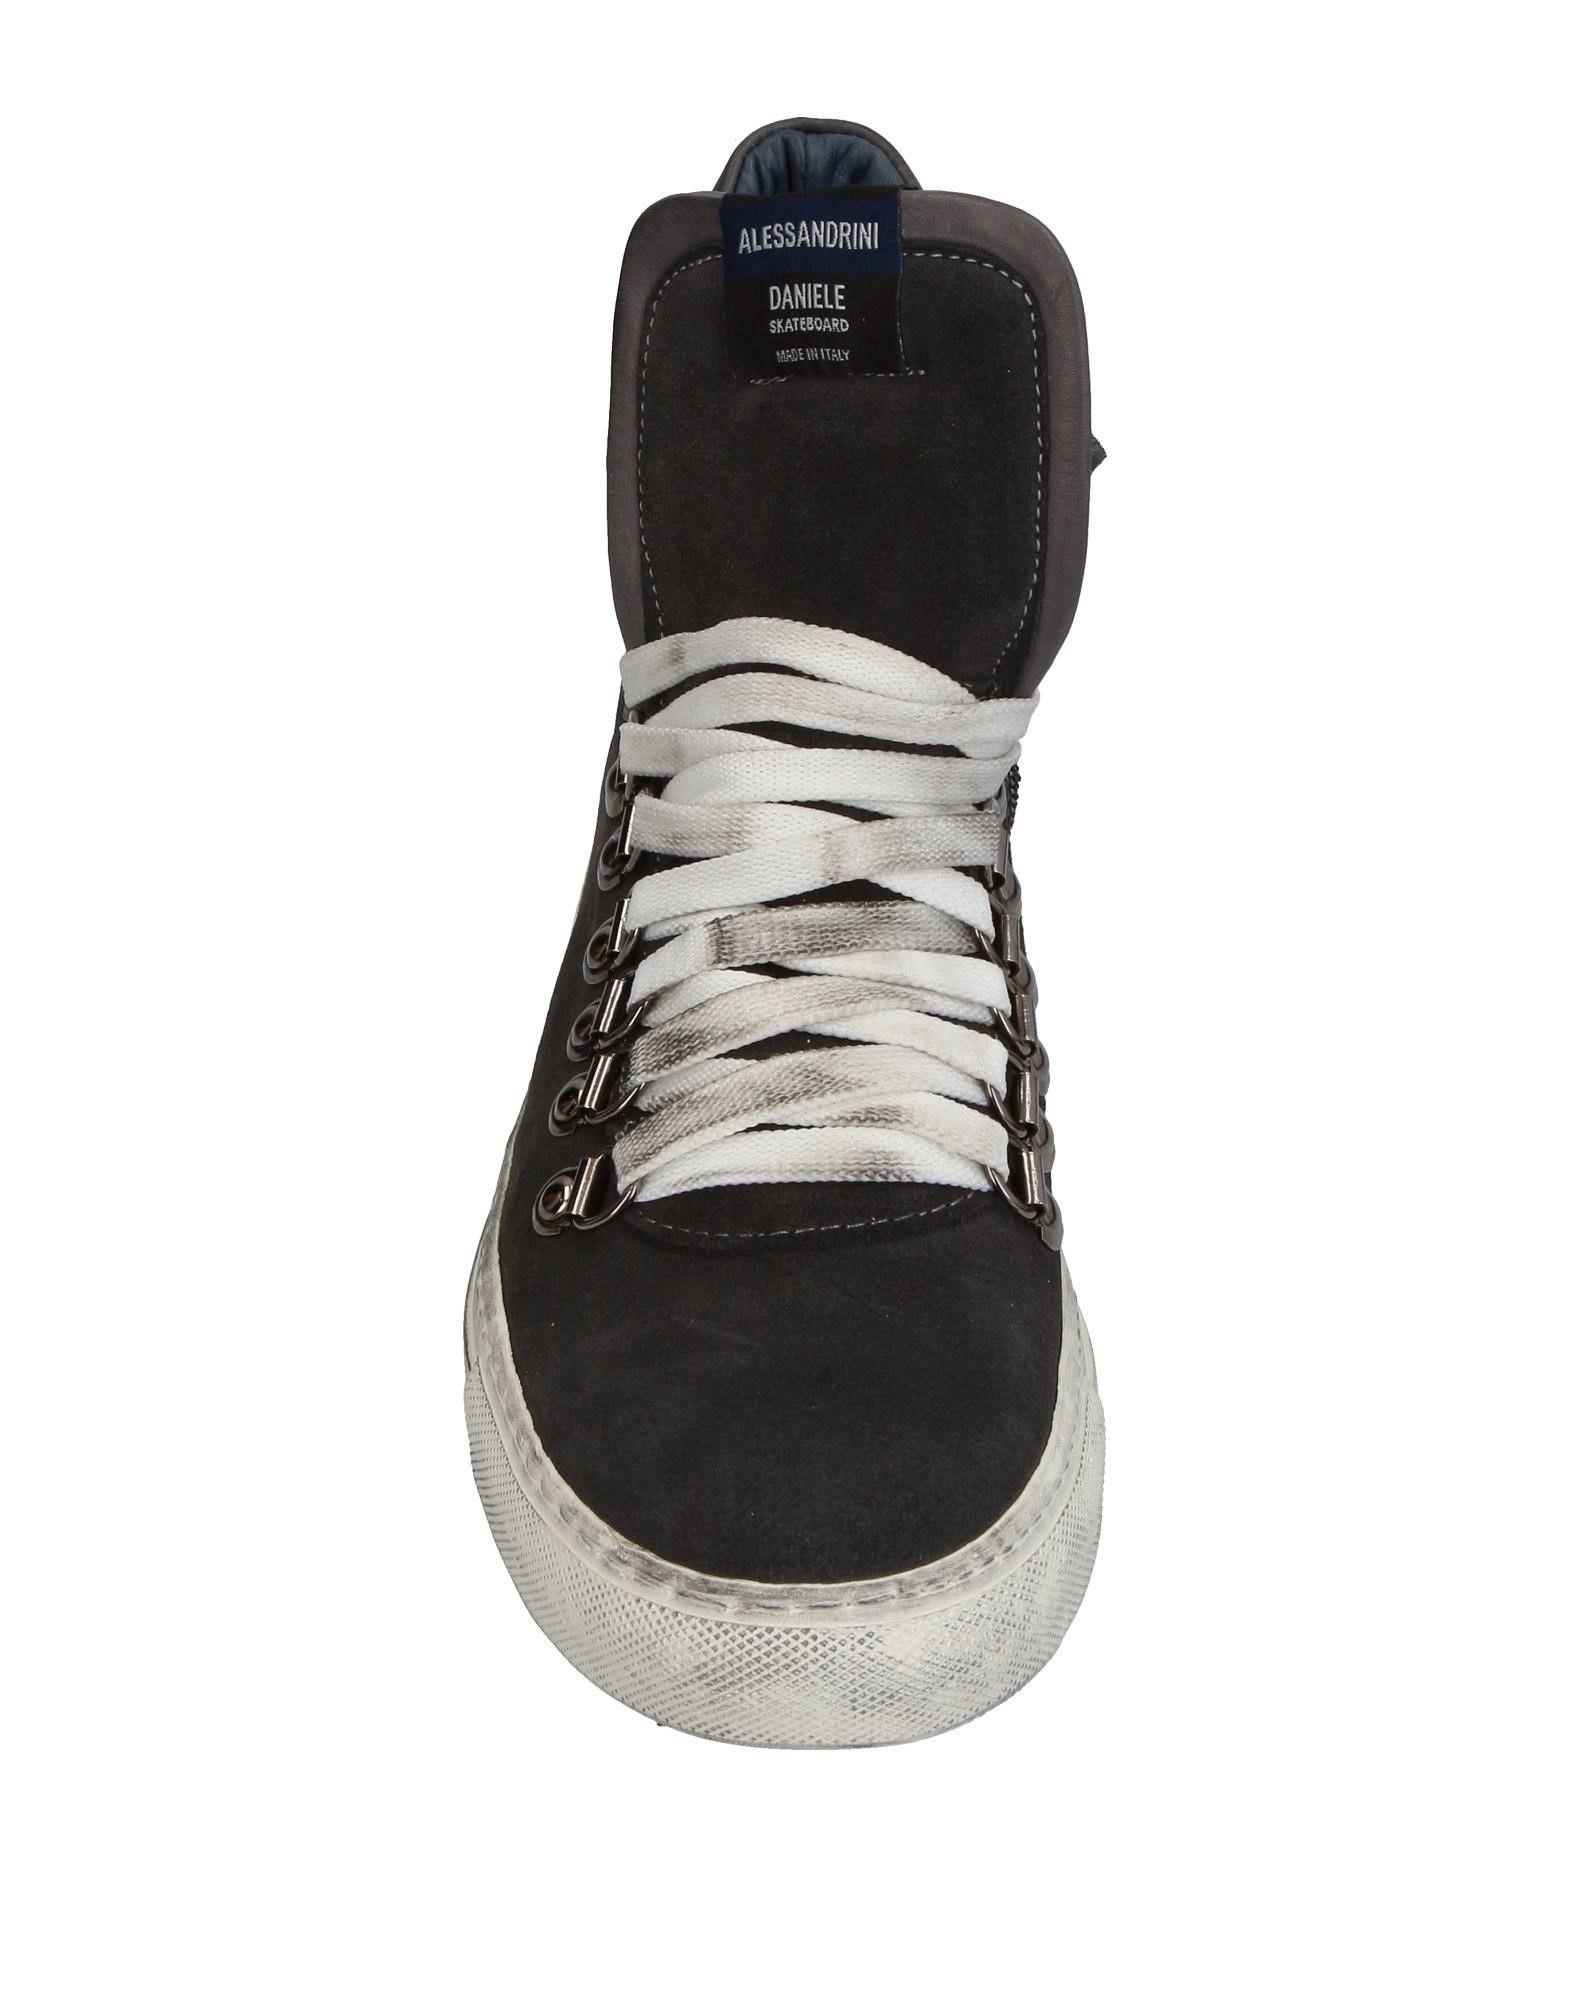 Rabatt echte Schuhe Daniele Alessandrini Sneakers Herren  11383249FO